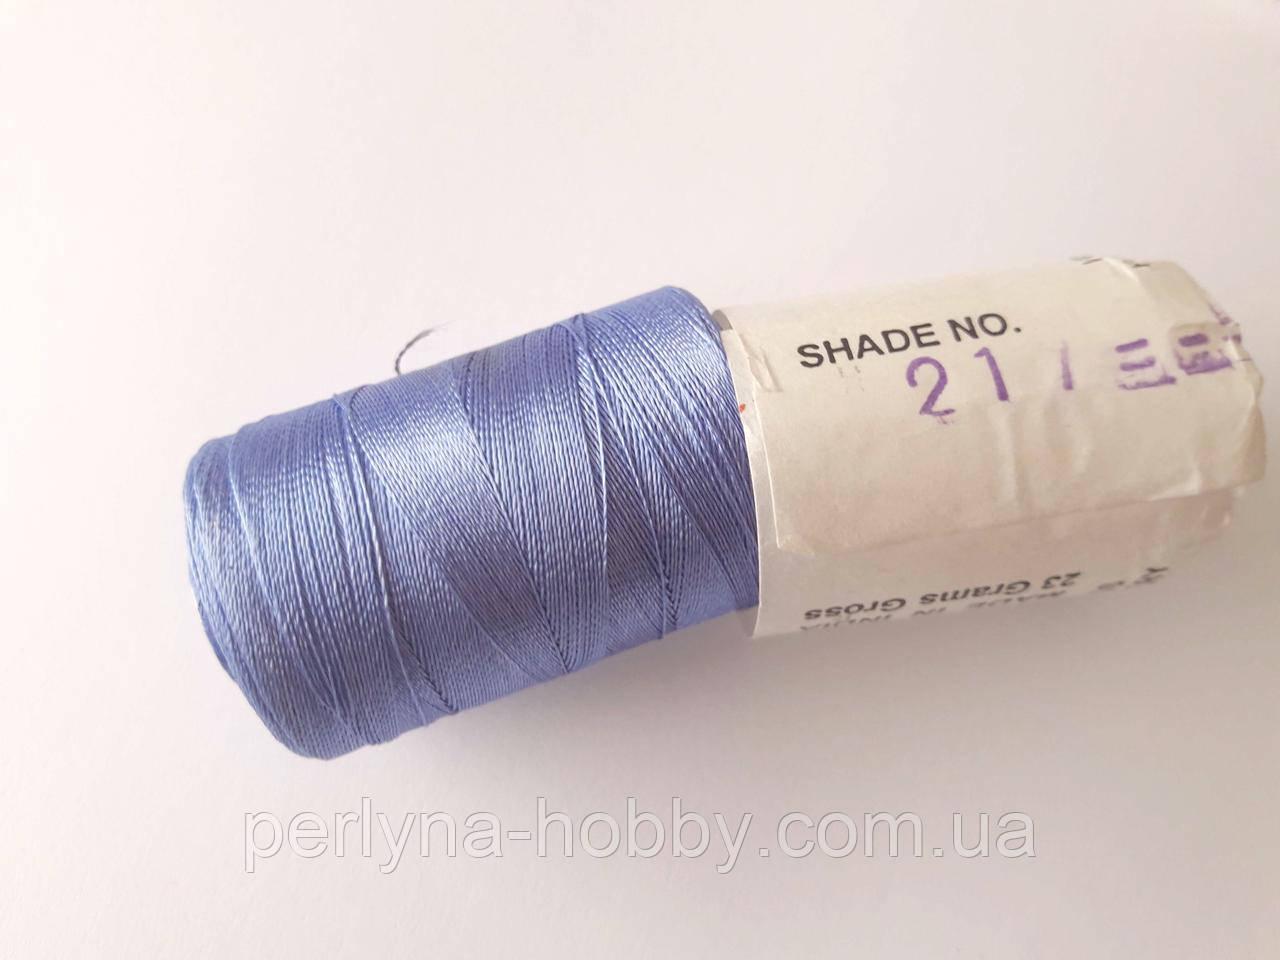 Нитки шовкові ( віскоза ) для вишивання, для  ручної роботи, 23 грам. Індія. Голубий (фіалковий) № 21